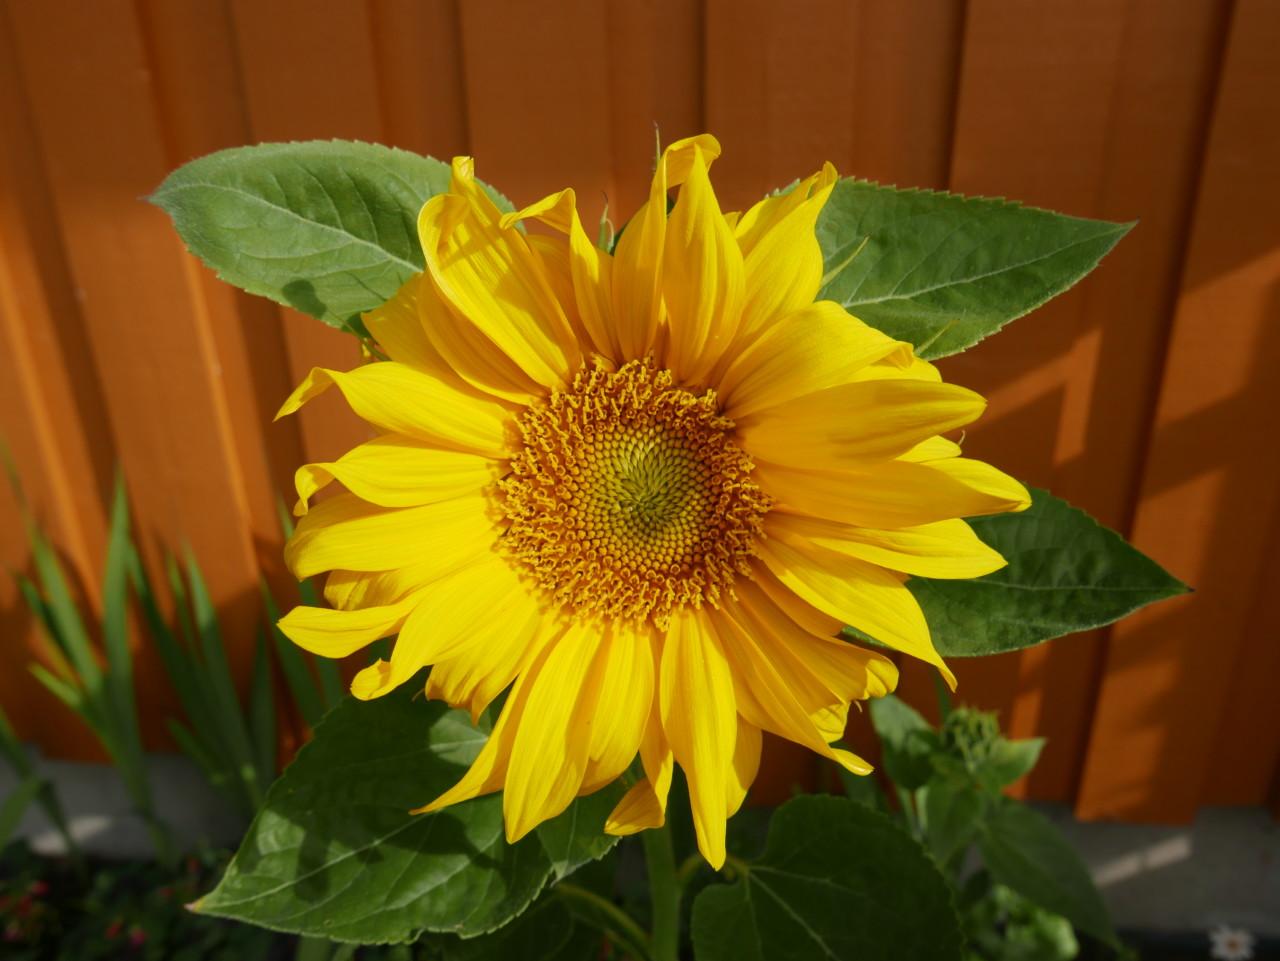 solsikke-anja-stang-green-house-otovo-nabostrom-sunflower